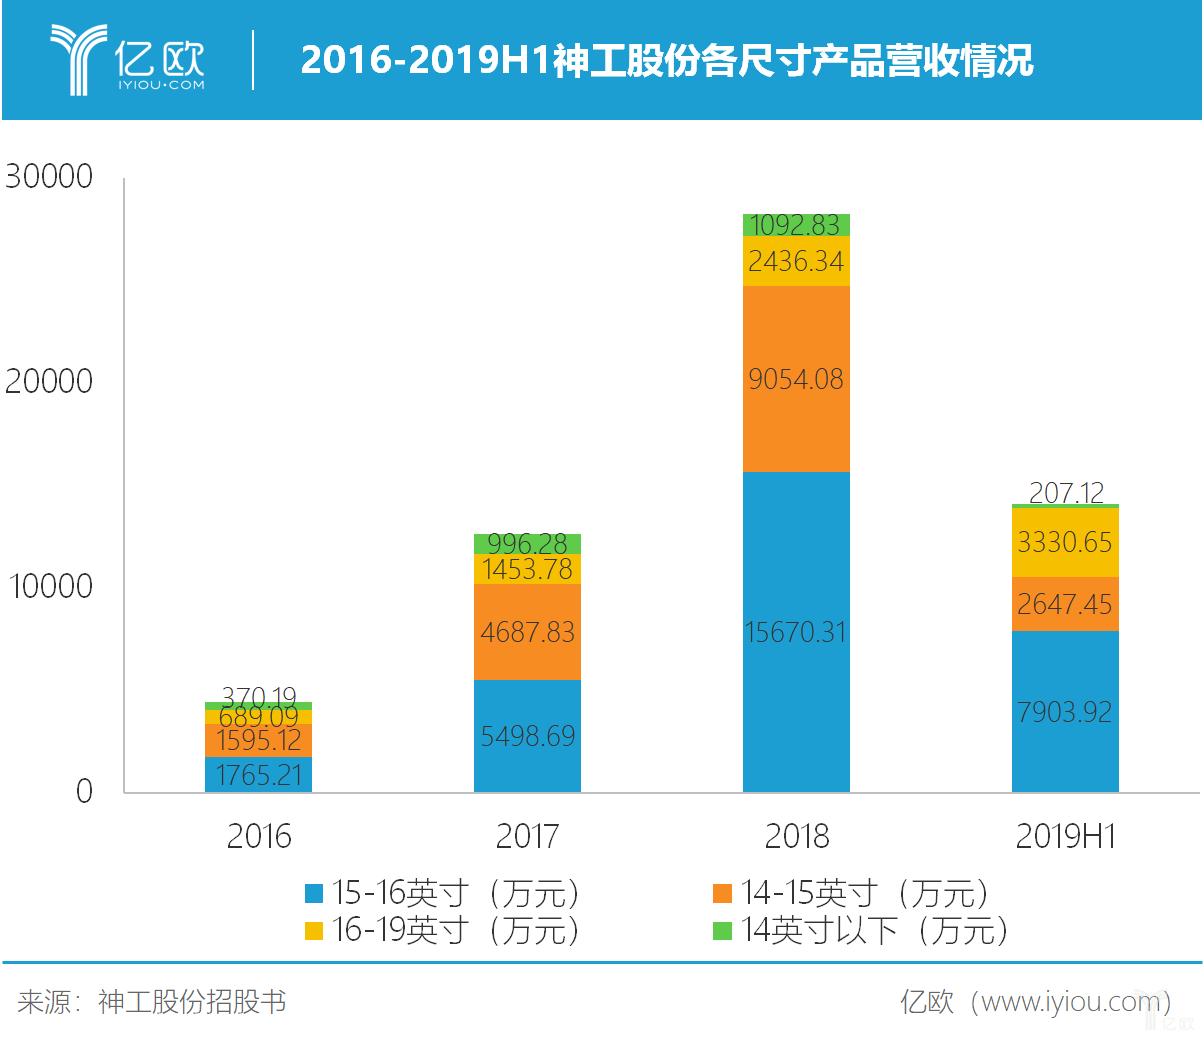 2016-2019H1神工股份各尺寸产品营收情况